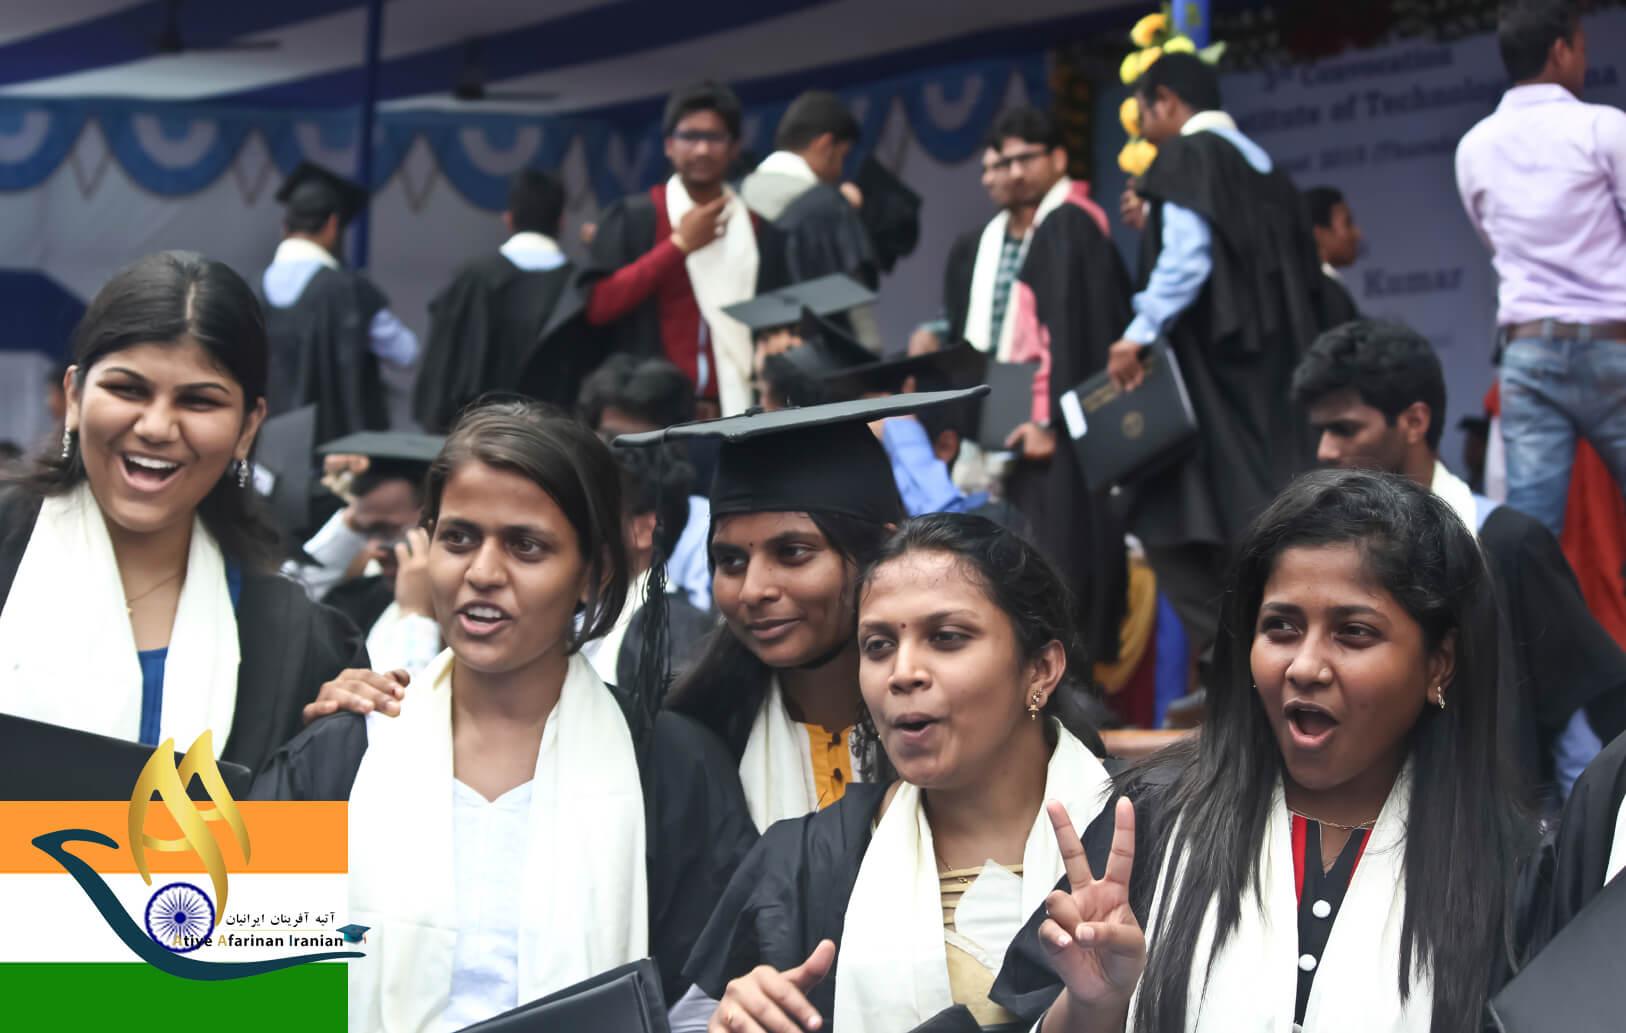 اقامت پس از تحصیل در هند